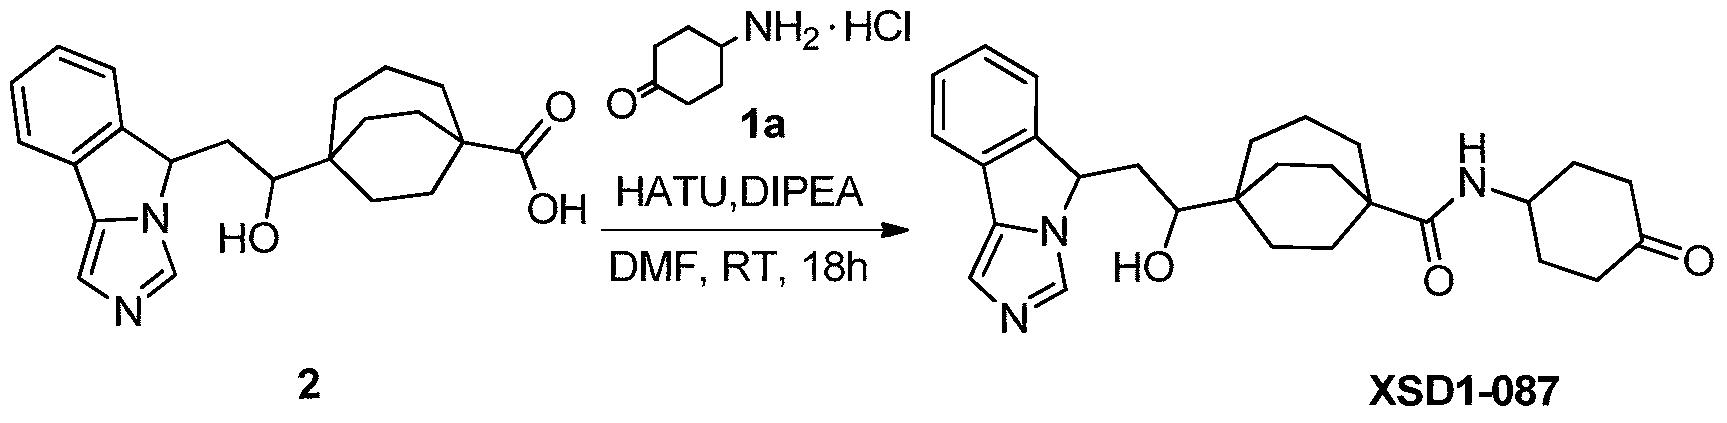 Figure PCTCN2017084604-appb-000128